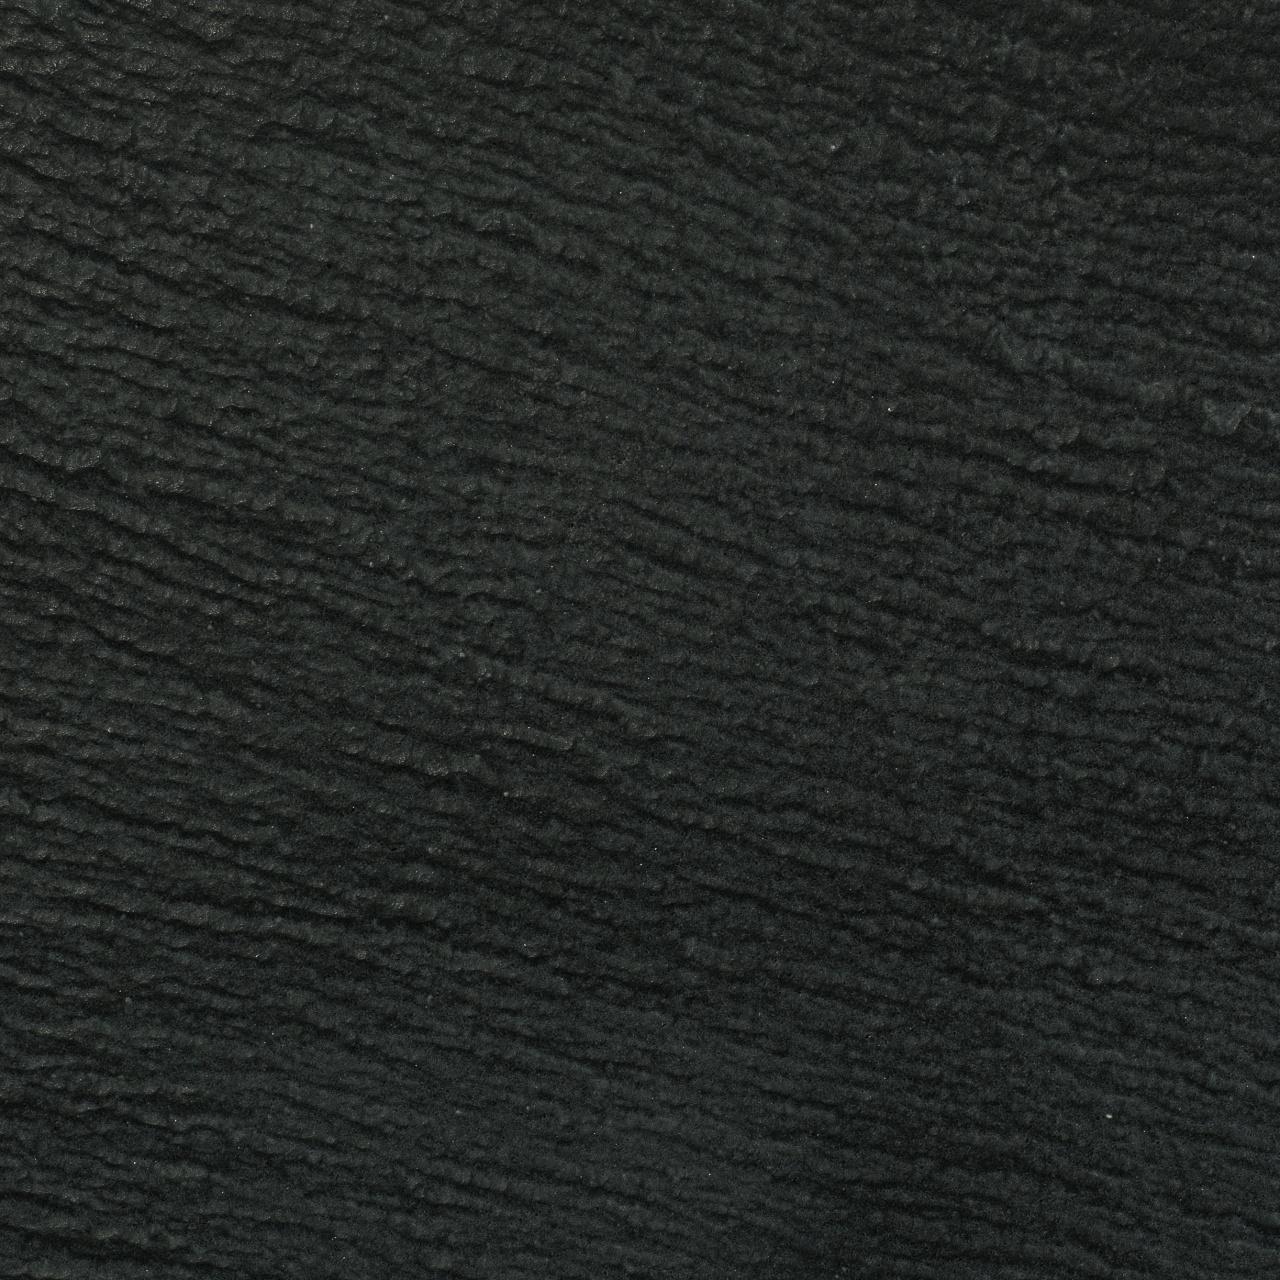 465 Spacco Black